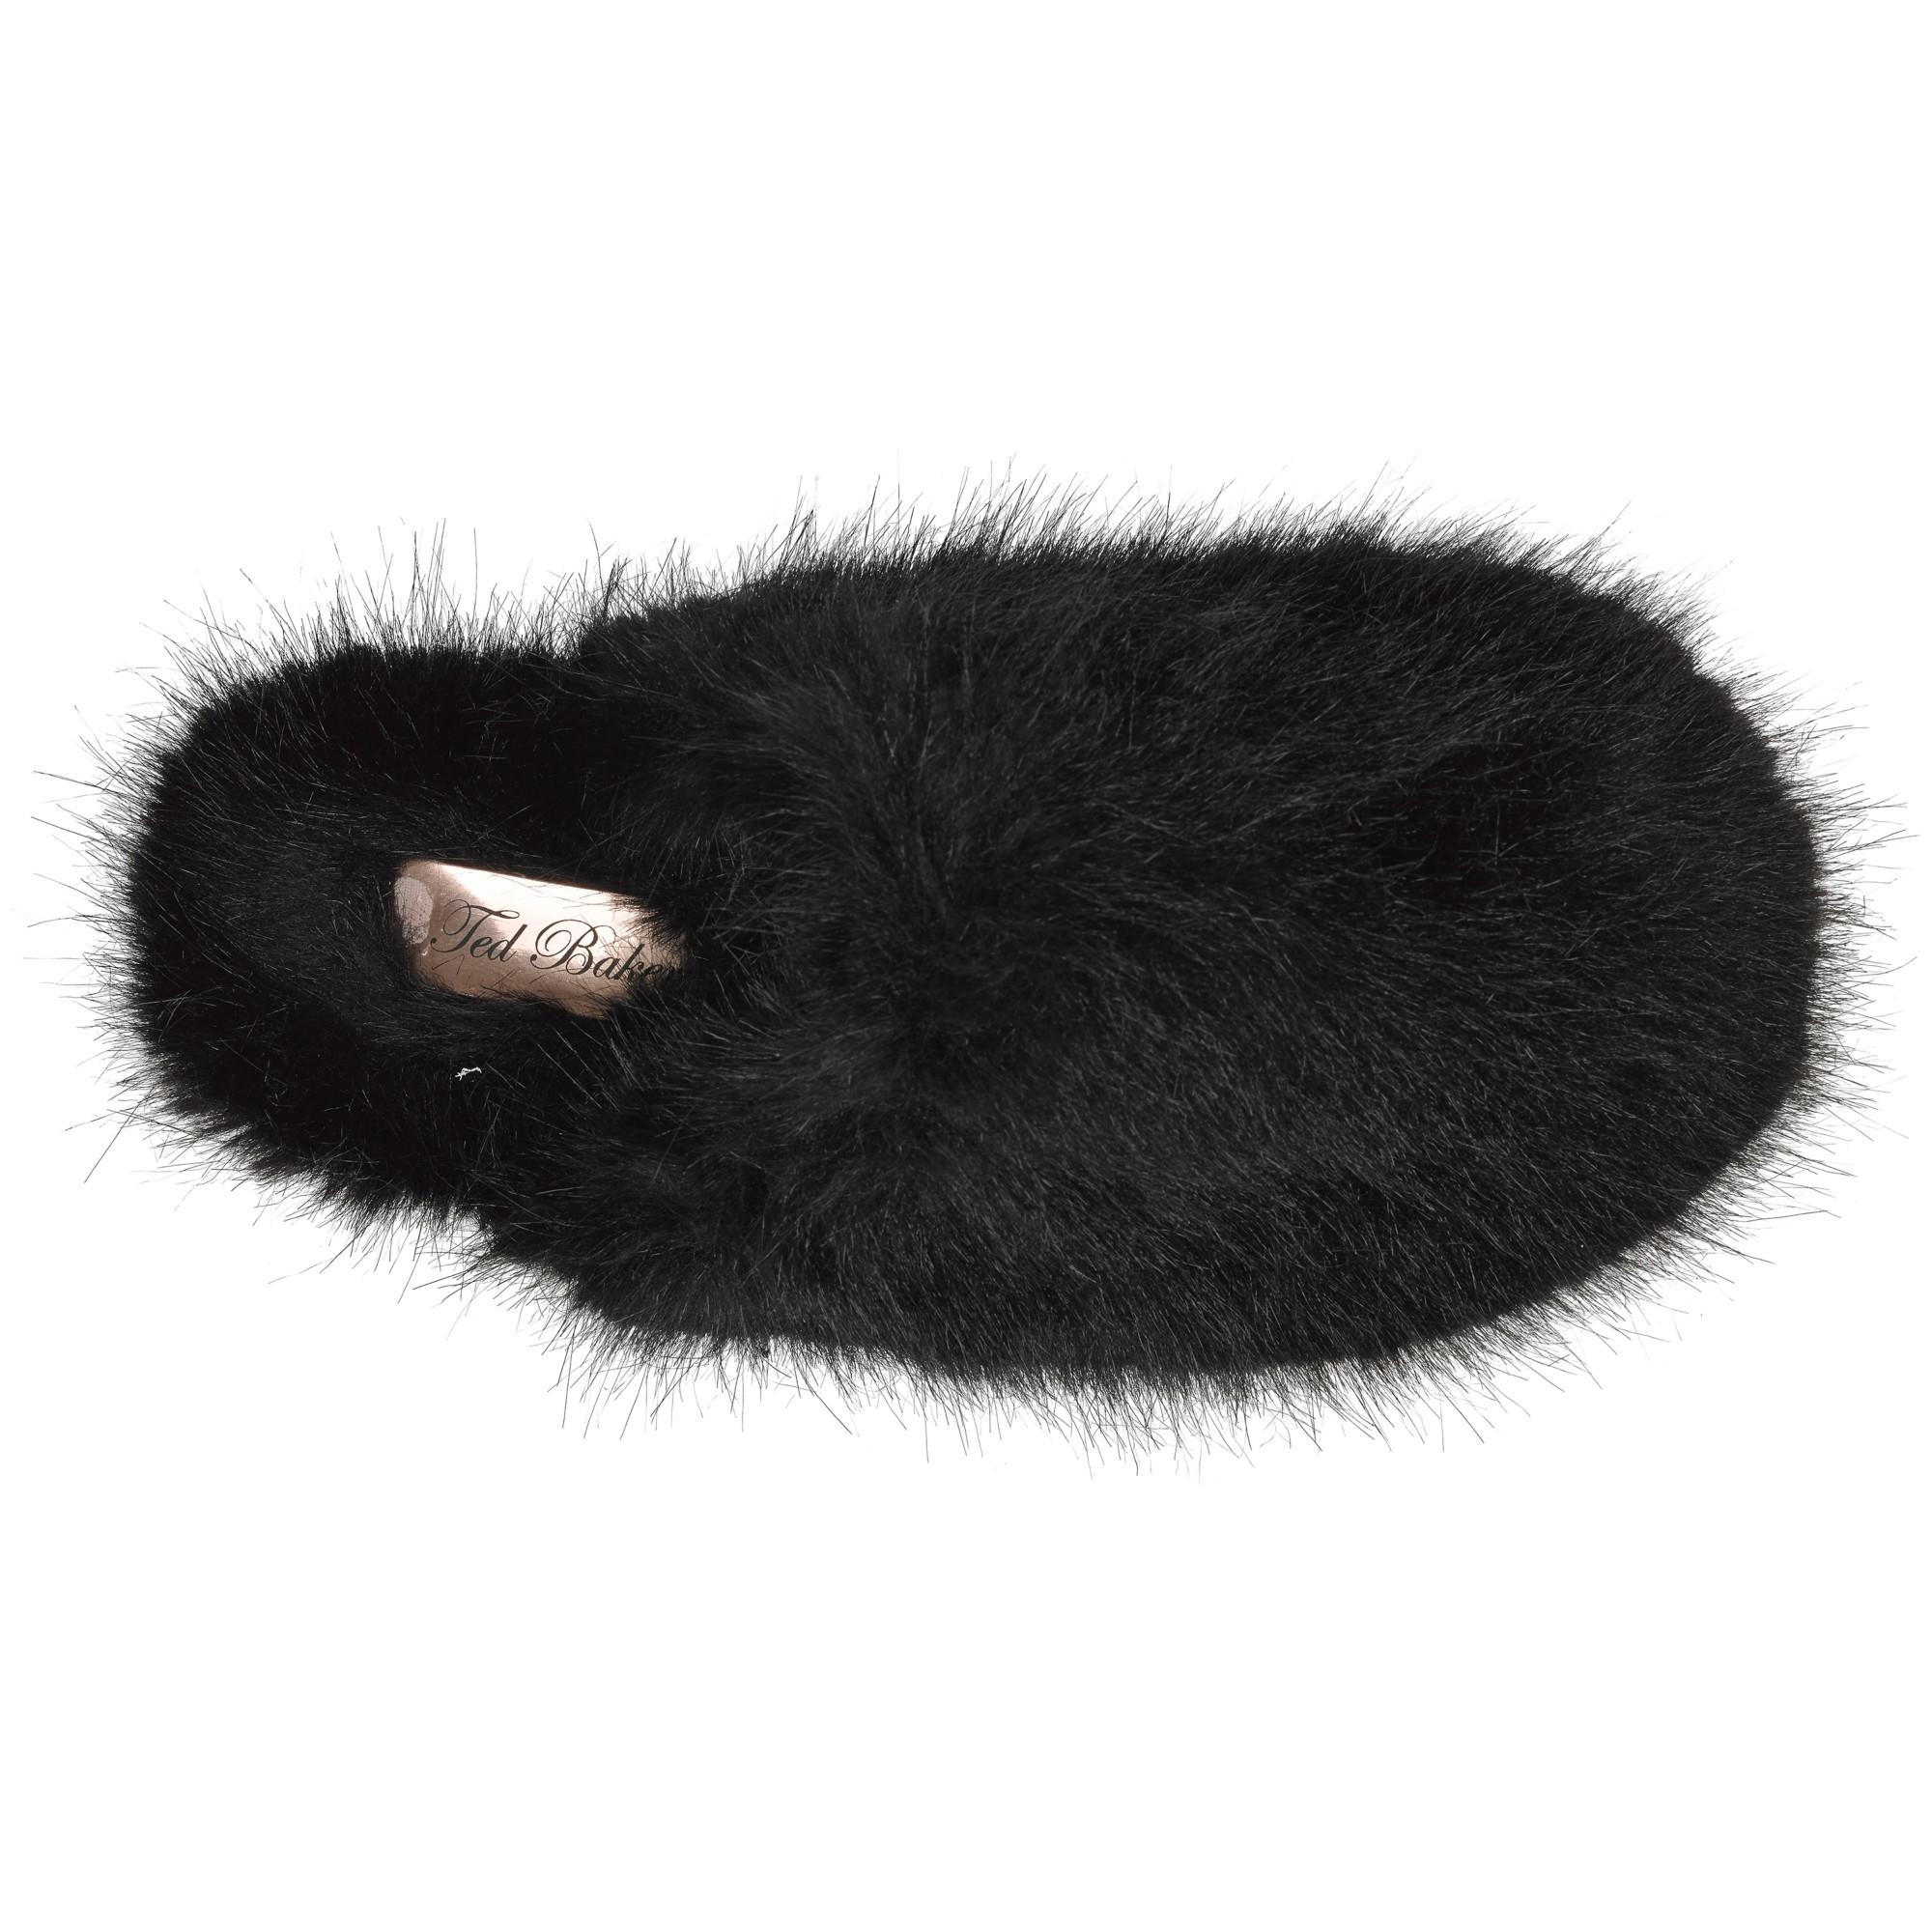 9cf5504adeaccd Ted Baker Breae Faux Fur Slippers in Black - Lyst